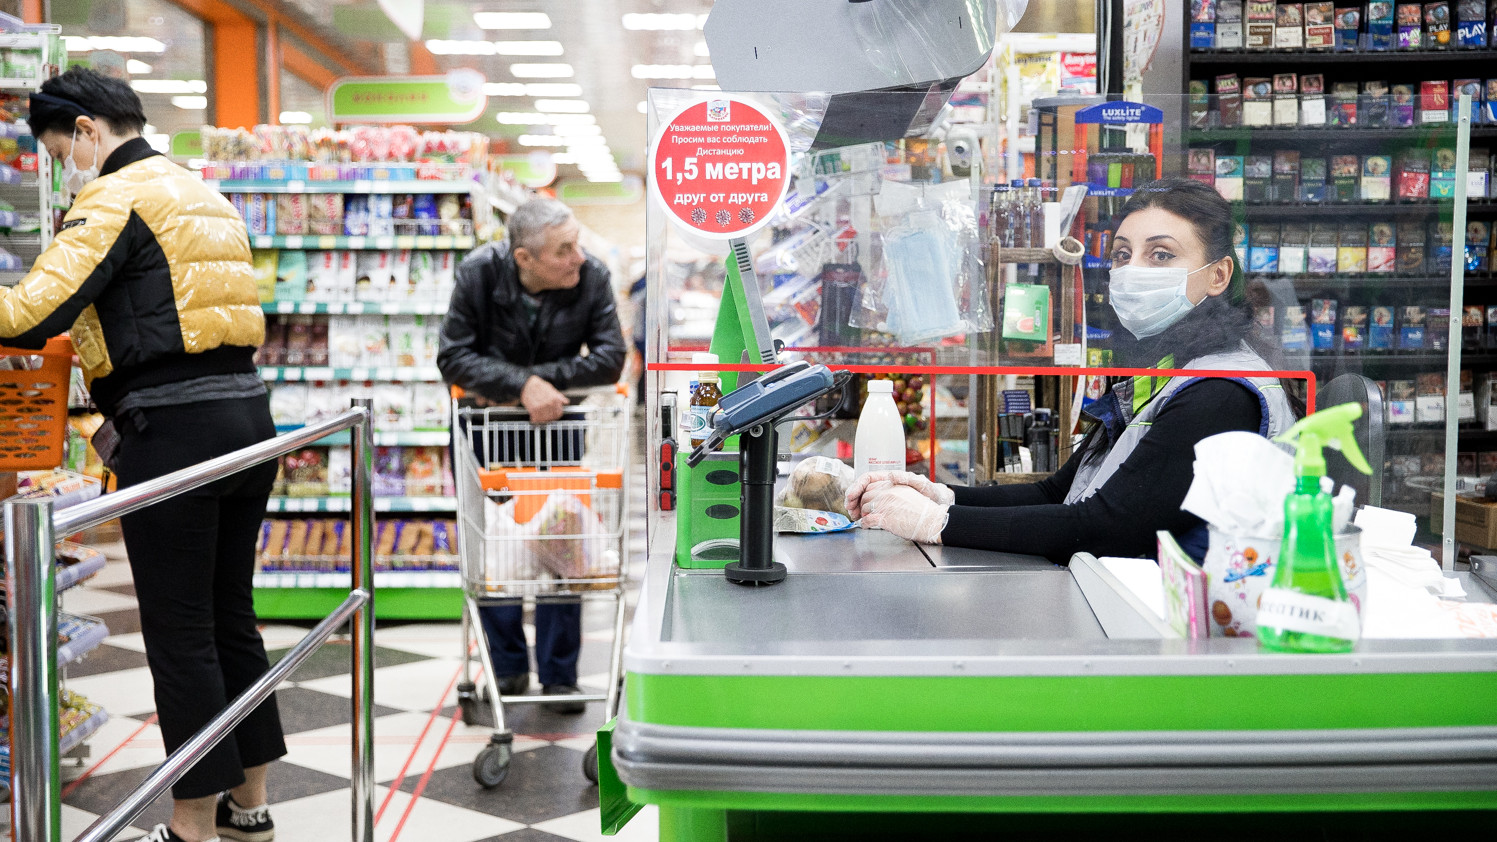 Вторая волна коронавируса в Подмосковье: принятые меры и необходимые правила поведения